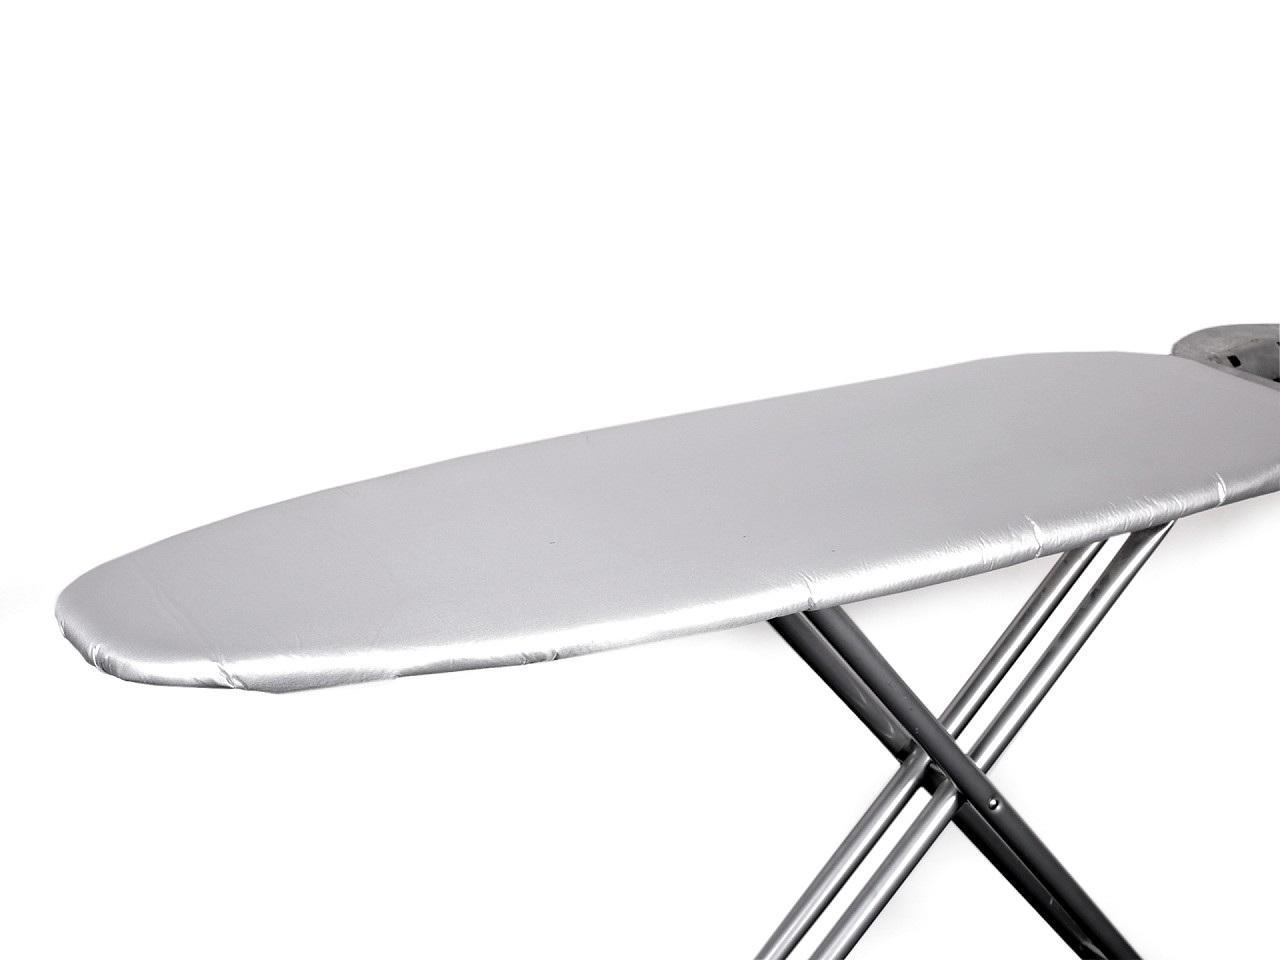 Teflonový potah na žehlicí prkno 50x140 cm, barva stříbrná